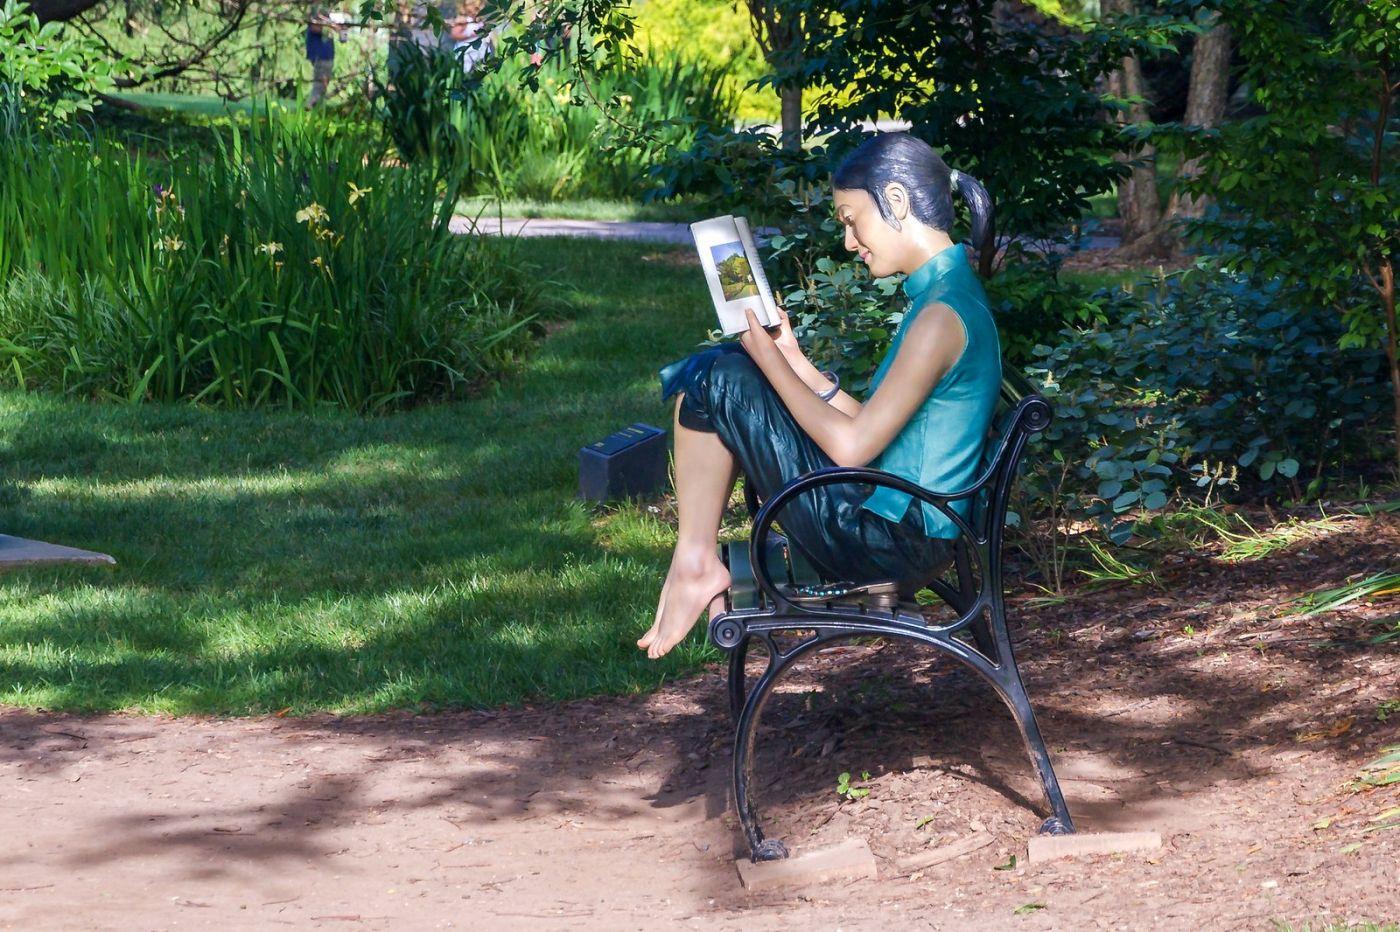 新澤西州雕塑公園(Grounds for scuplture),題材很廣_圖1-32